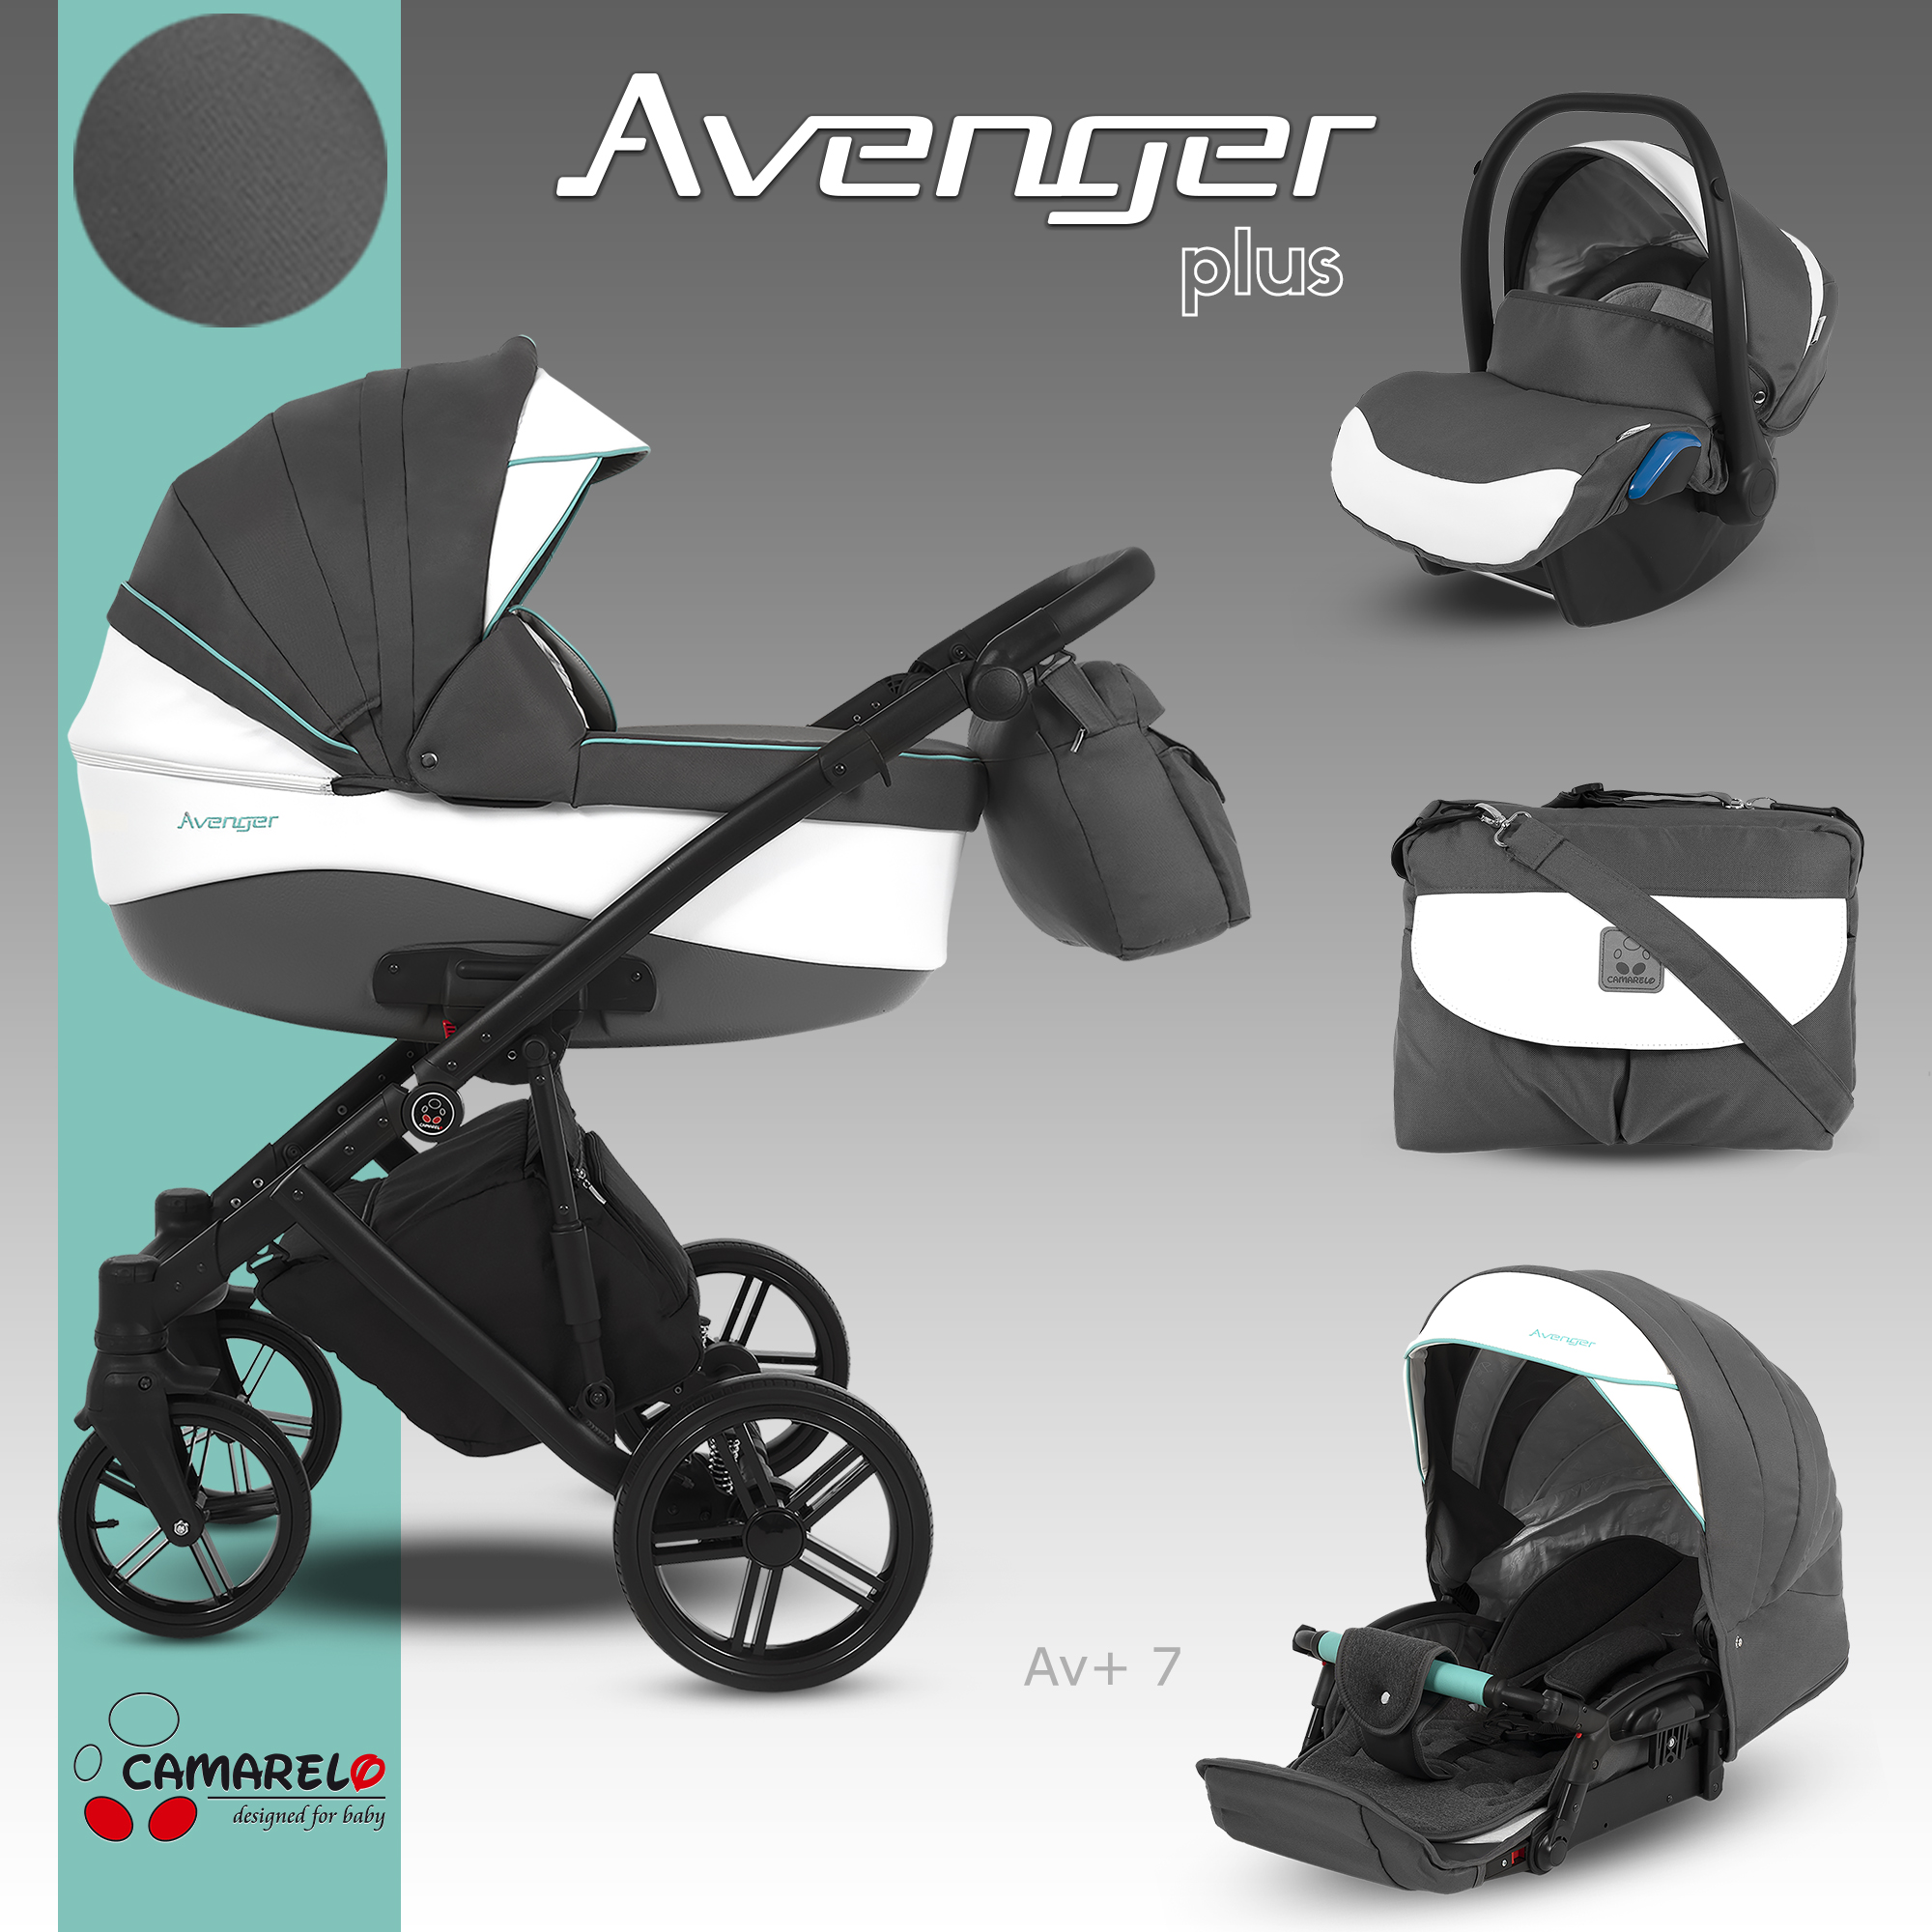 Avenger-7